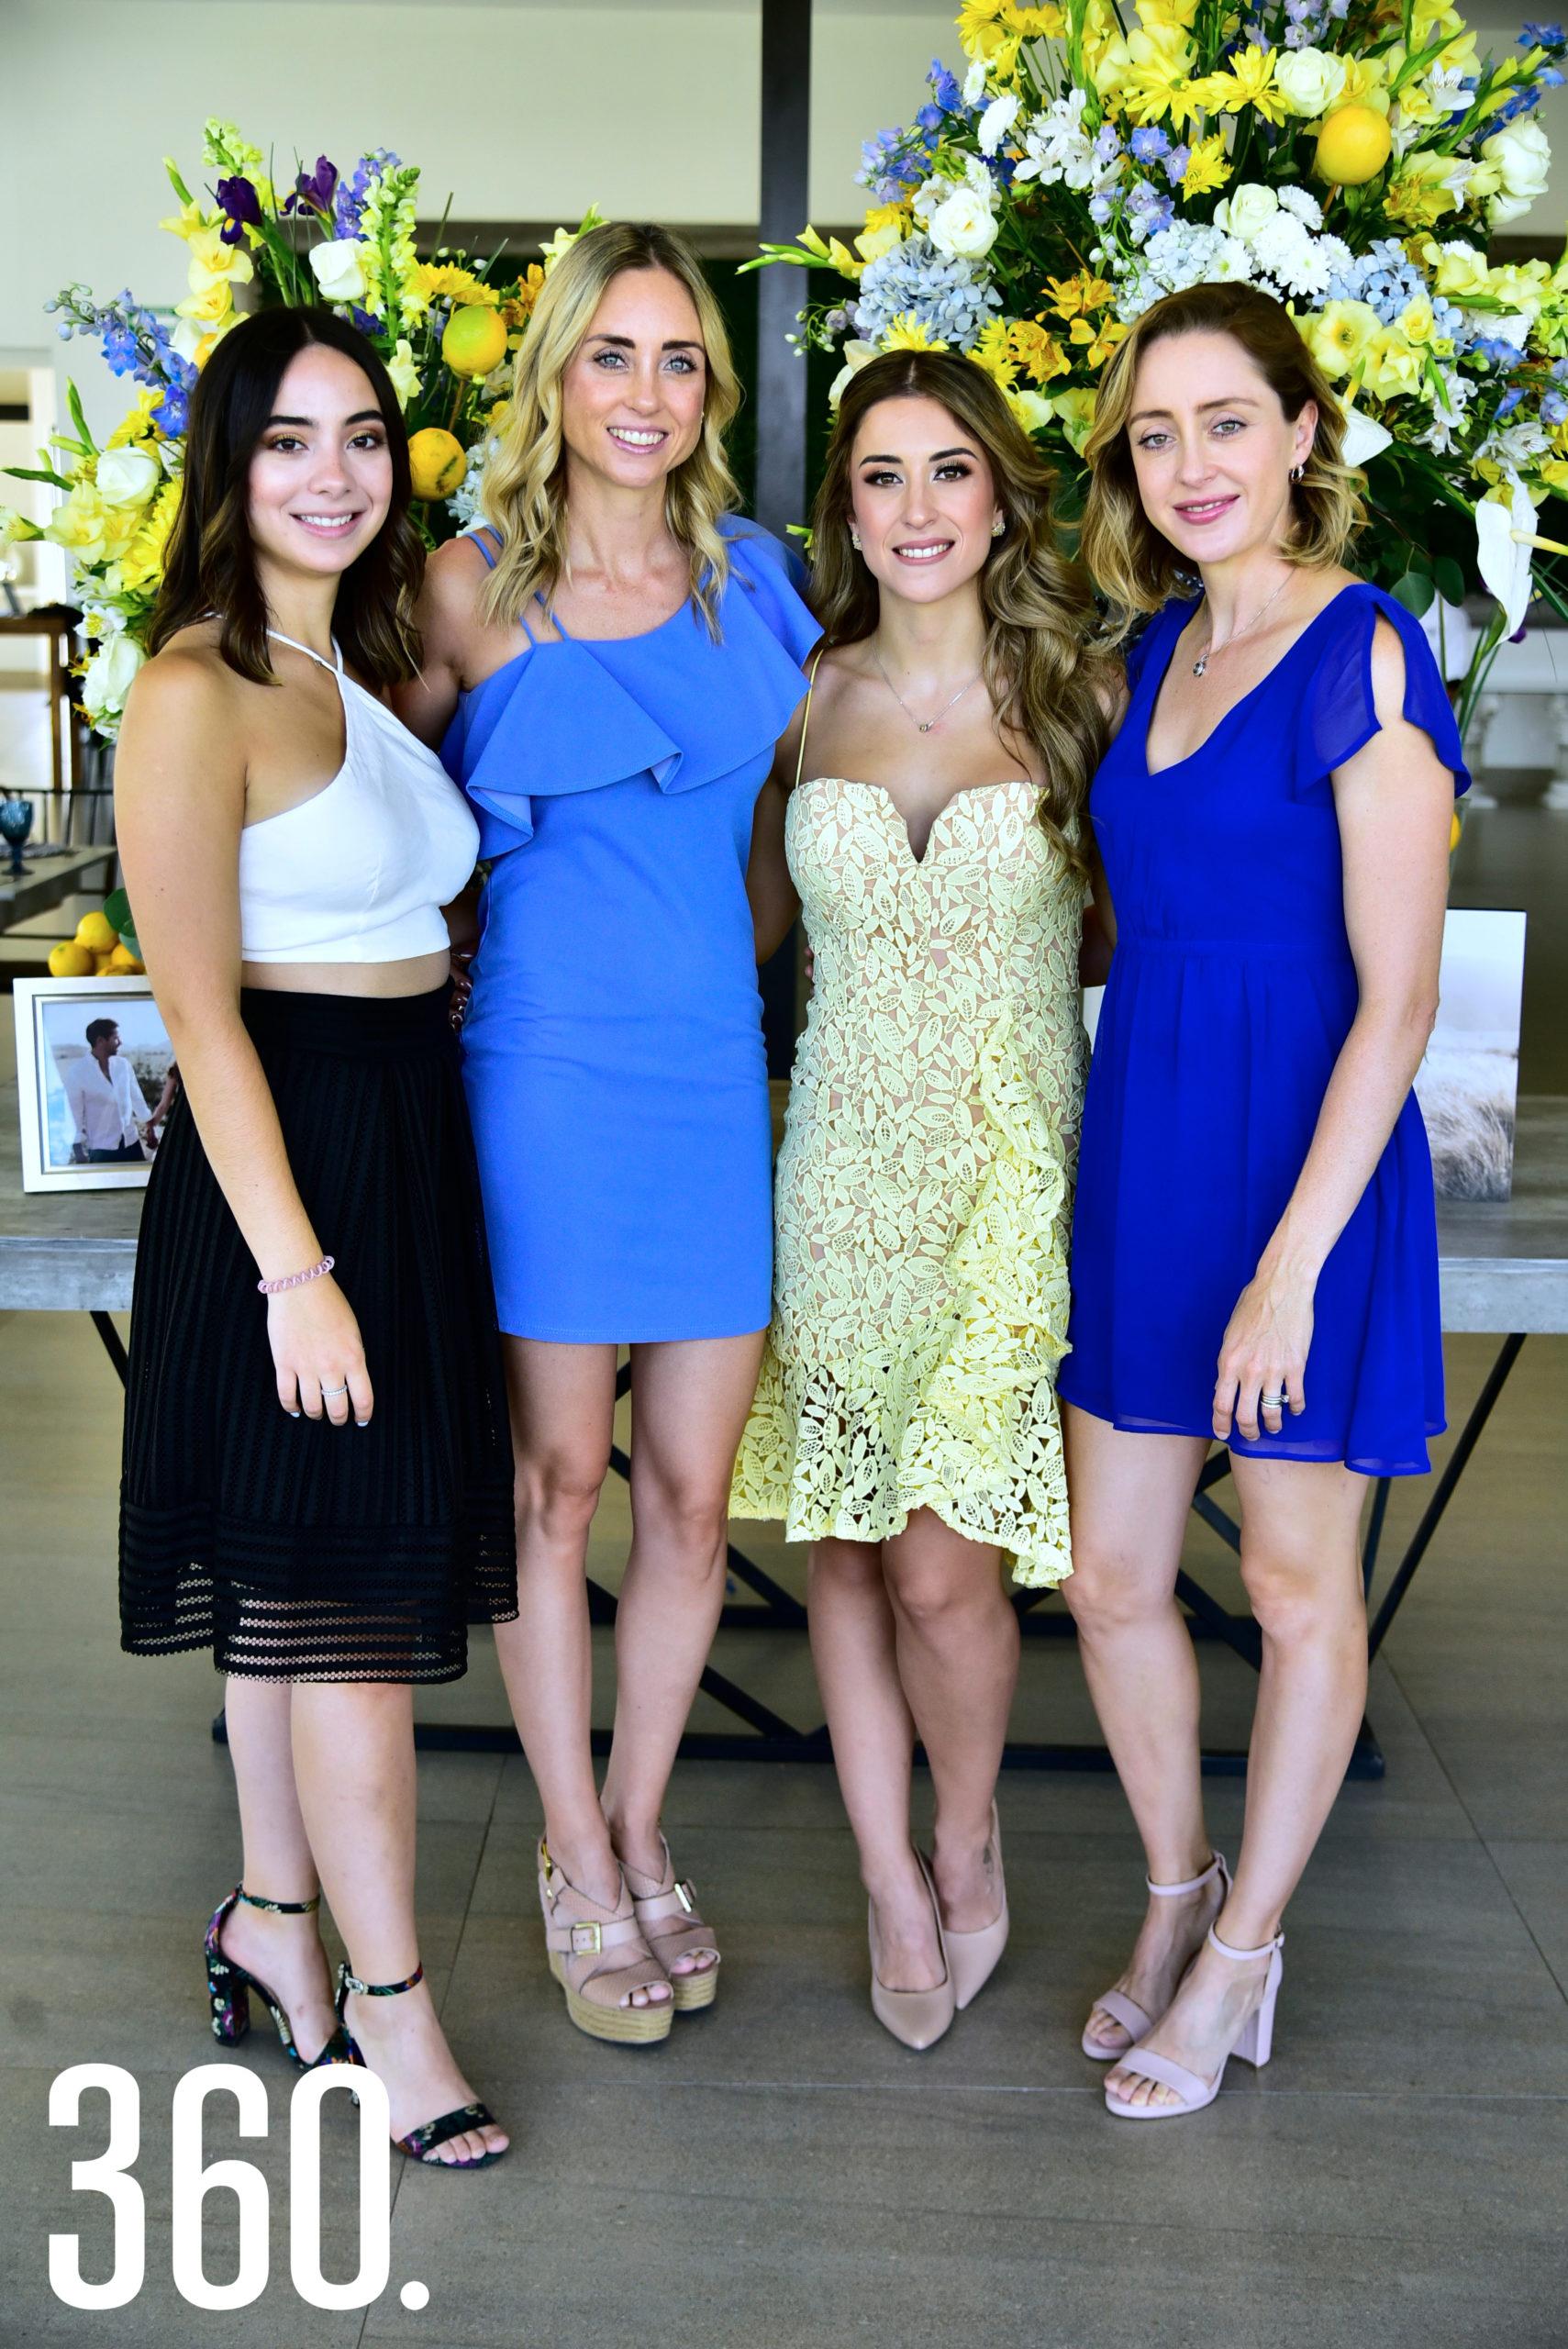 Ana Lorena Denigris, Sofía Denigris, María Isabel Ayup y Cristina Denigris.